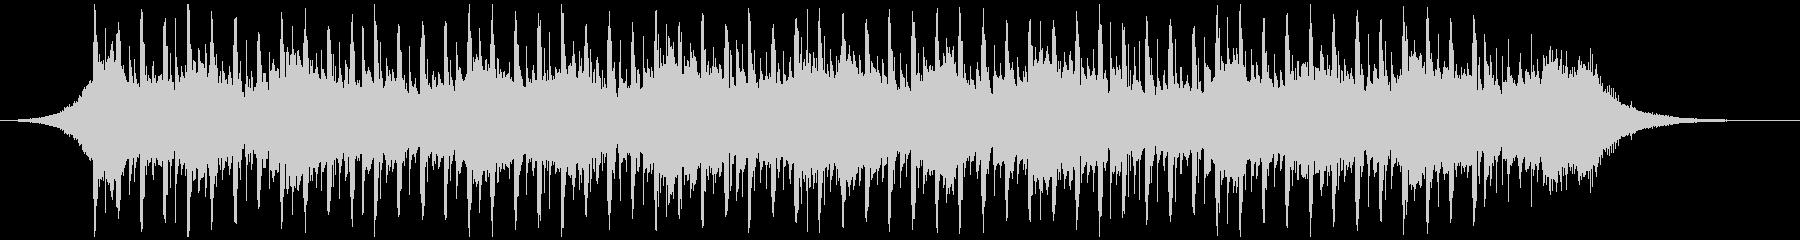 バックグラウンドインタビュー(42秒)の未再生の波形